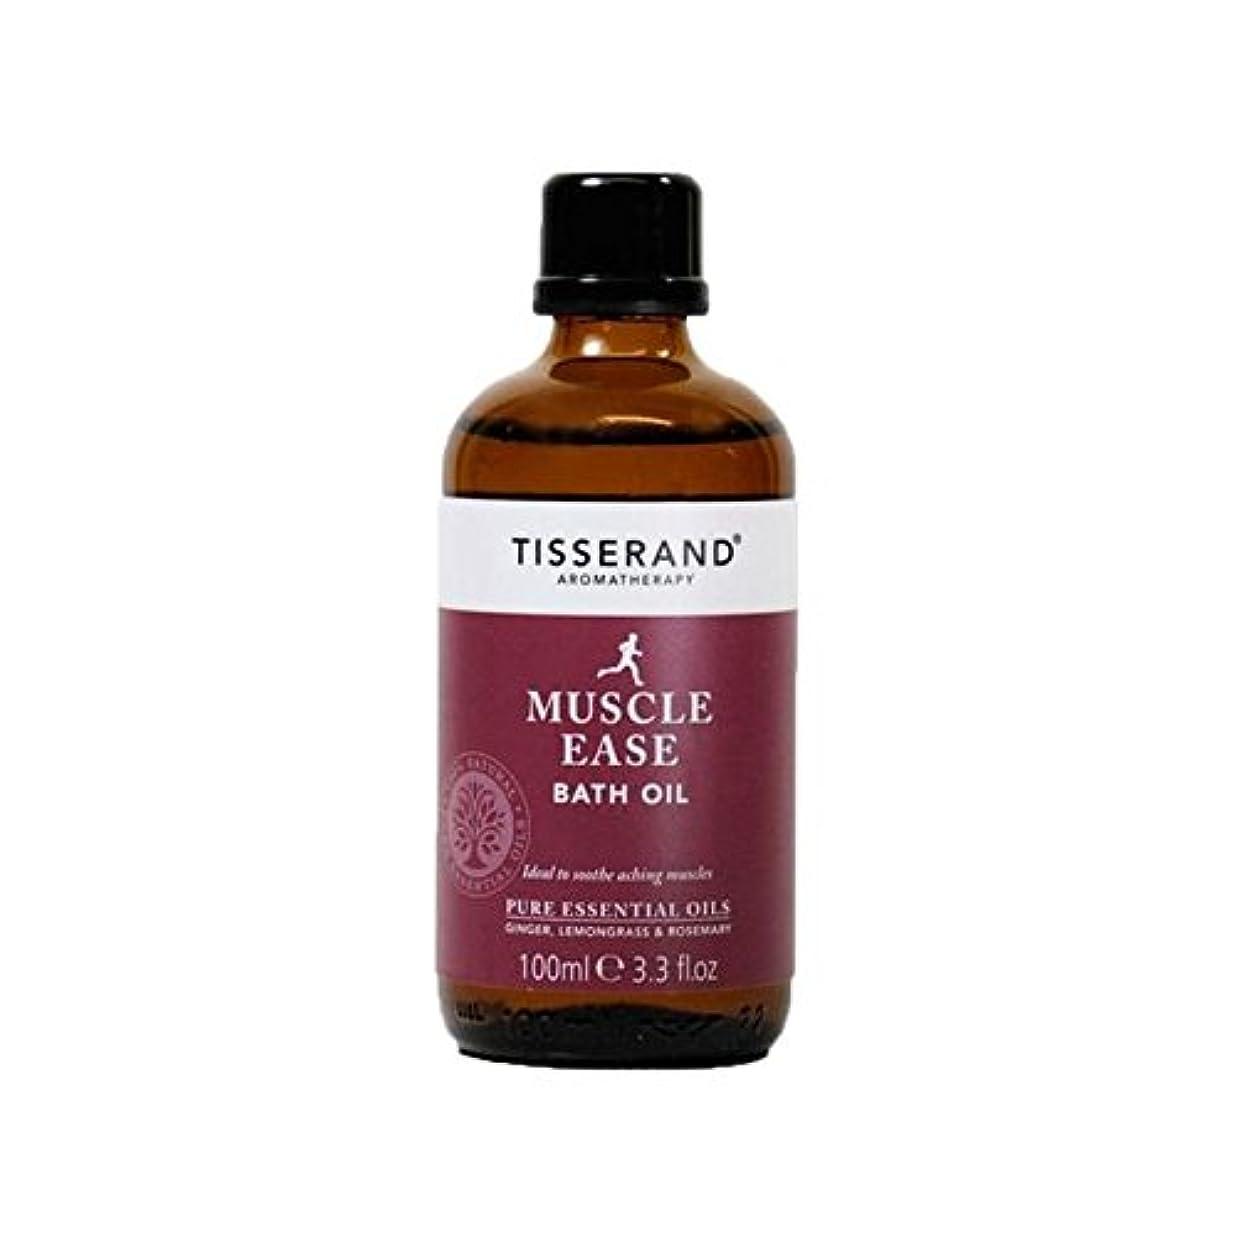 拮抗する規模征服者ティスランド筋肉やすバスオイル100ミリリットル x2 - Tisserand Muscle Ease Bath Oil 100ml (Pack of 2) [並行輸入品]